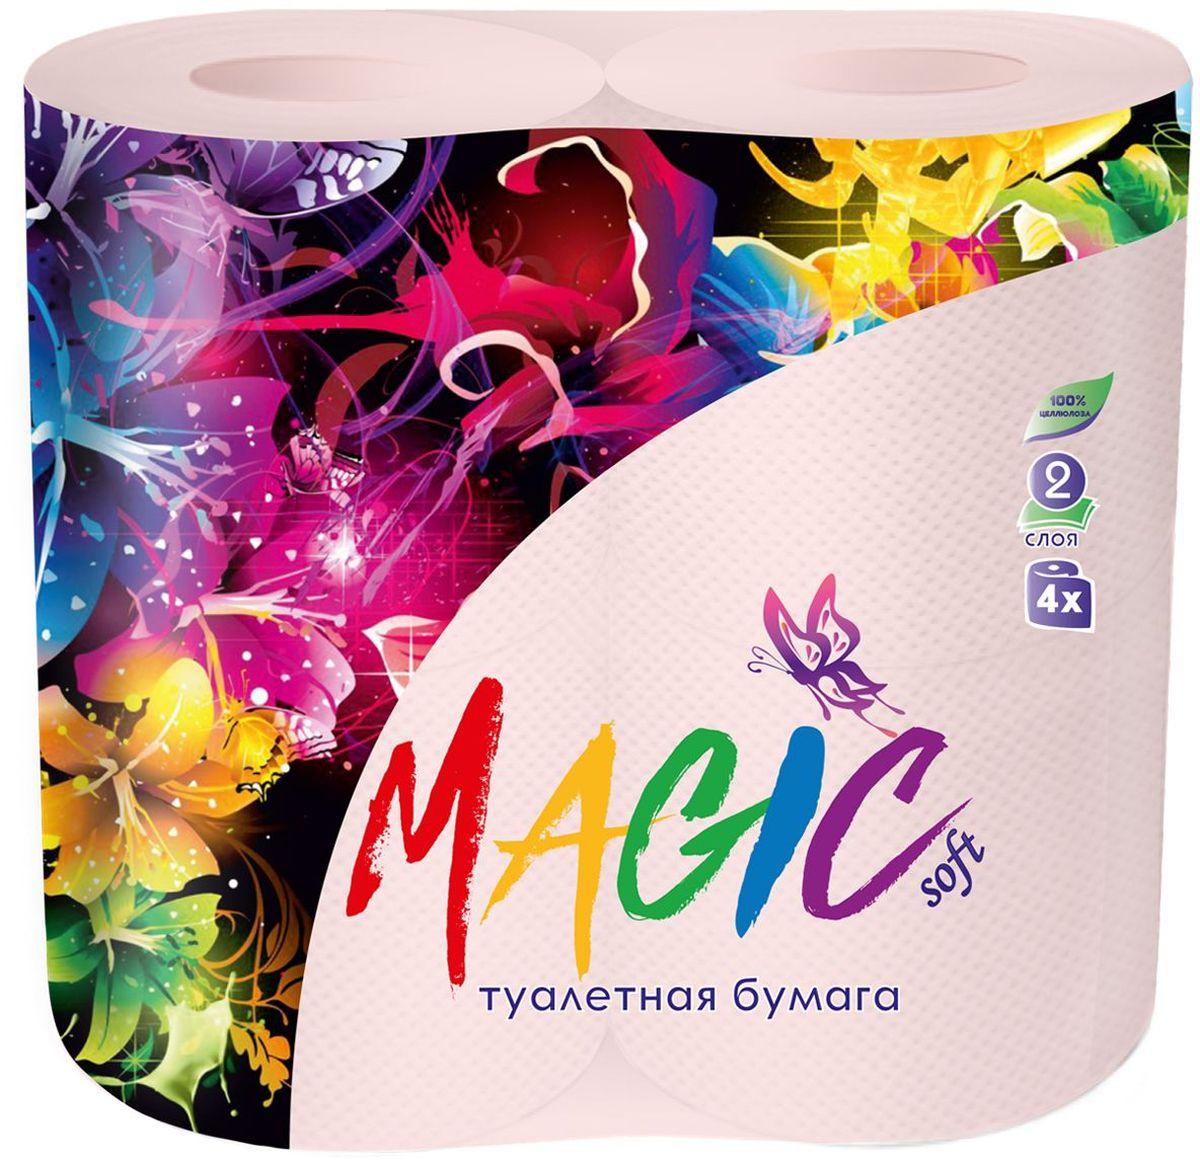 Туалетная бумага Magic Soft, цвет: розовый, 4 рулона391602Для бытового и санитарно-гигиенического назначения. Одноразового использования.